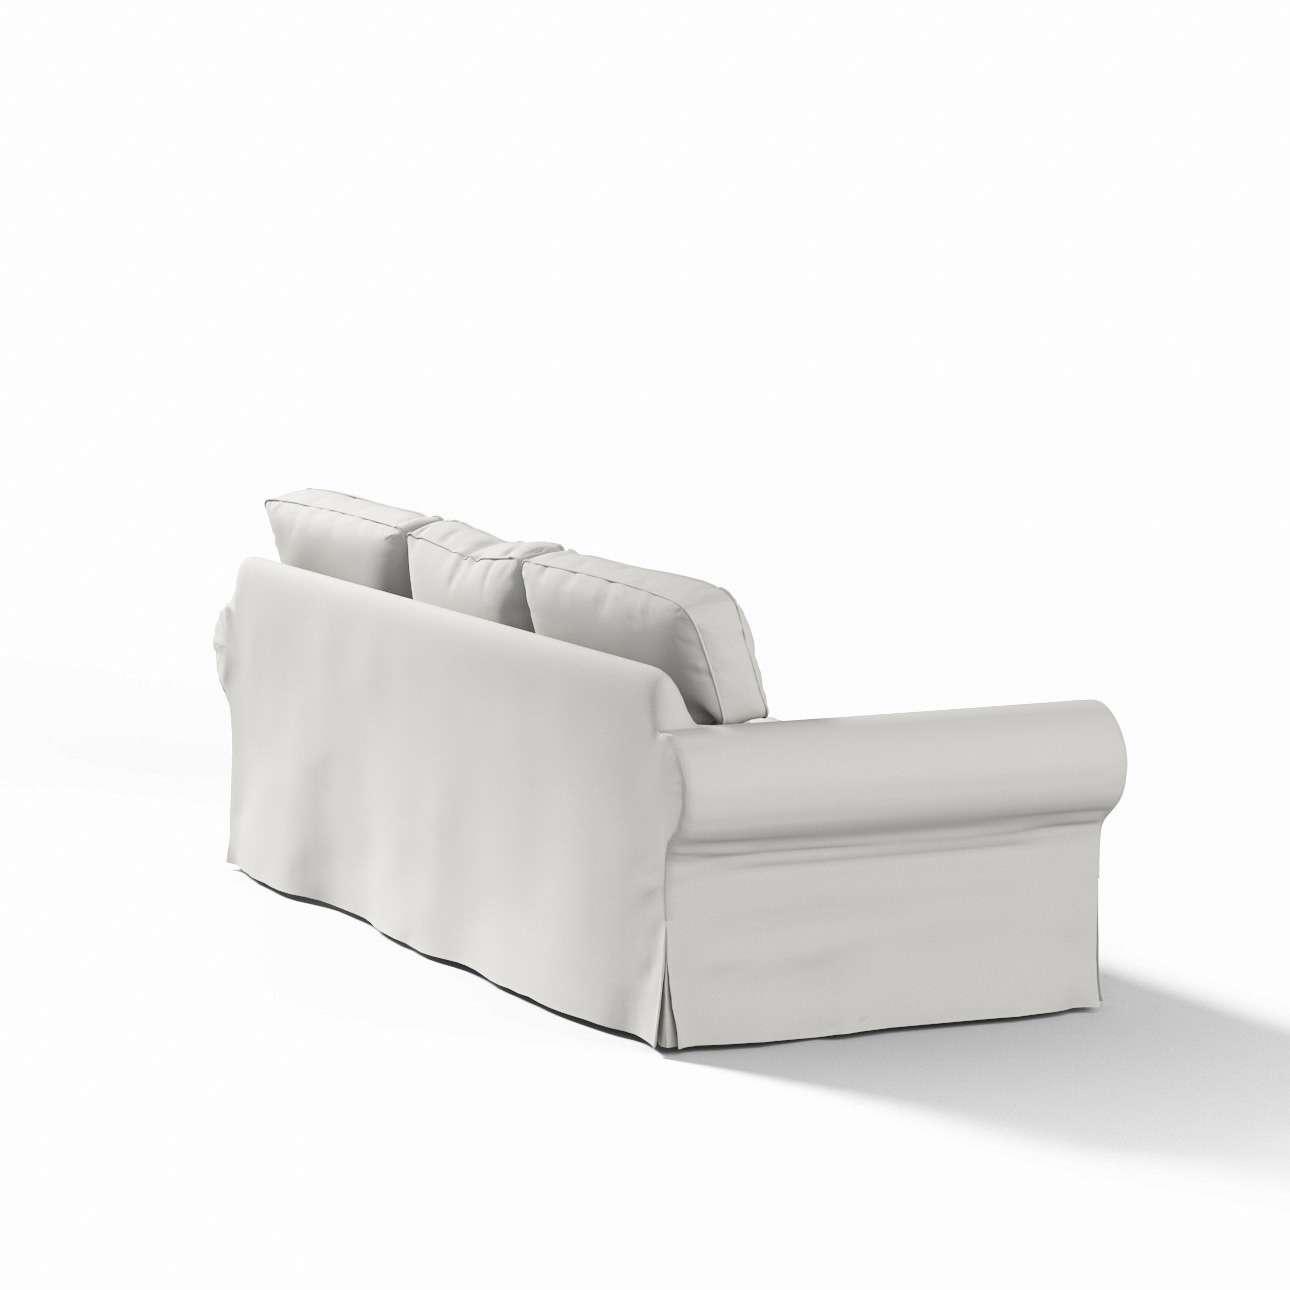 Pokrowiec na sofę Ektorp 3-osobową, rozkładaną, PIXBO w kolekcji Etna, tkanina: 705-90